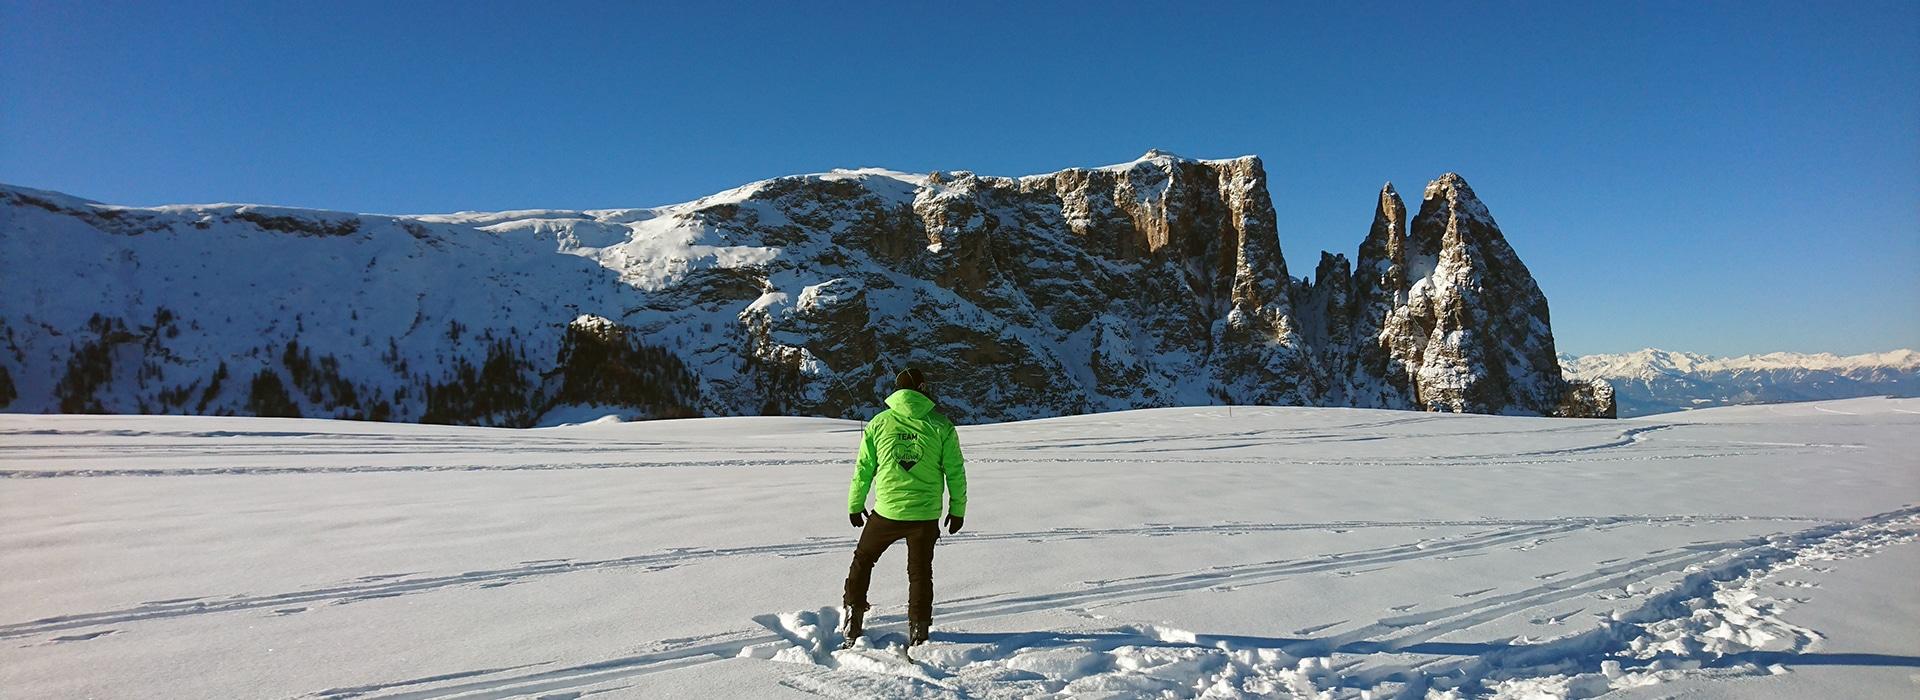 Winterwandern - Seiseralm - Wandern in Südtirol